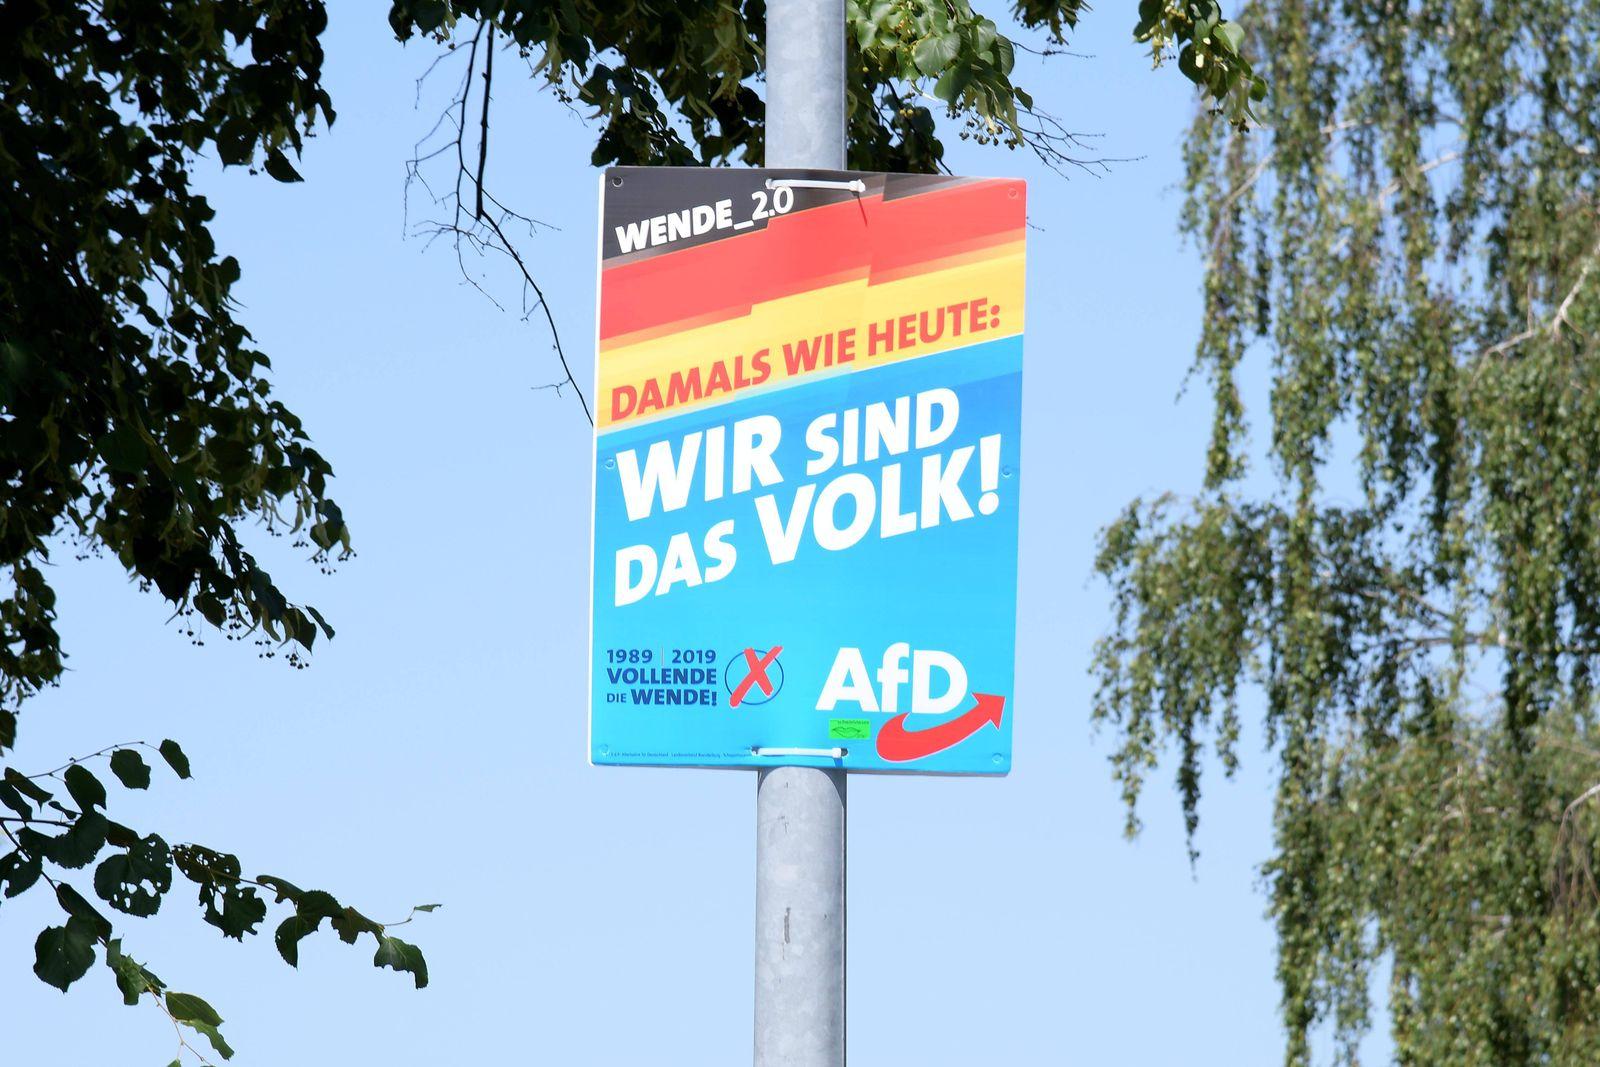 EINMALIGE VERWENDUNG AFD Plakat/ Damals wie heute: Wir sind das Volk/ Wende 2.0/ Vollende die Wende